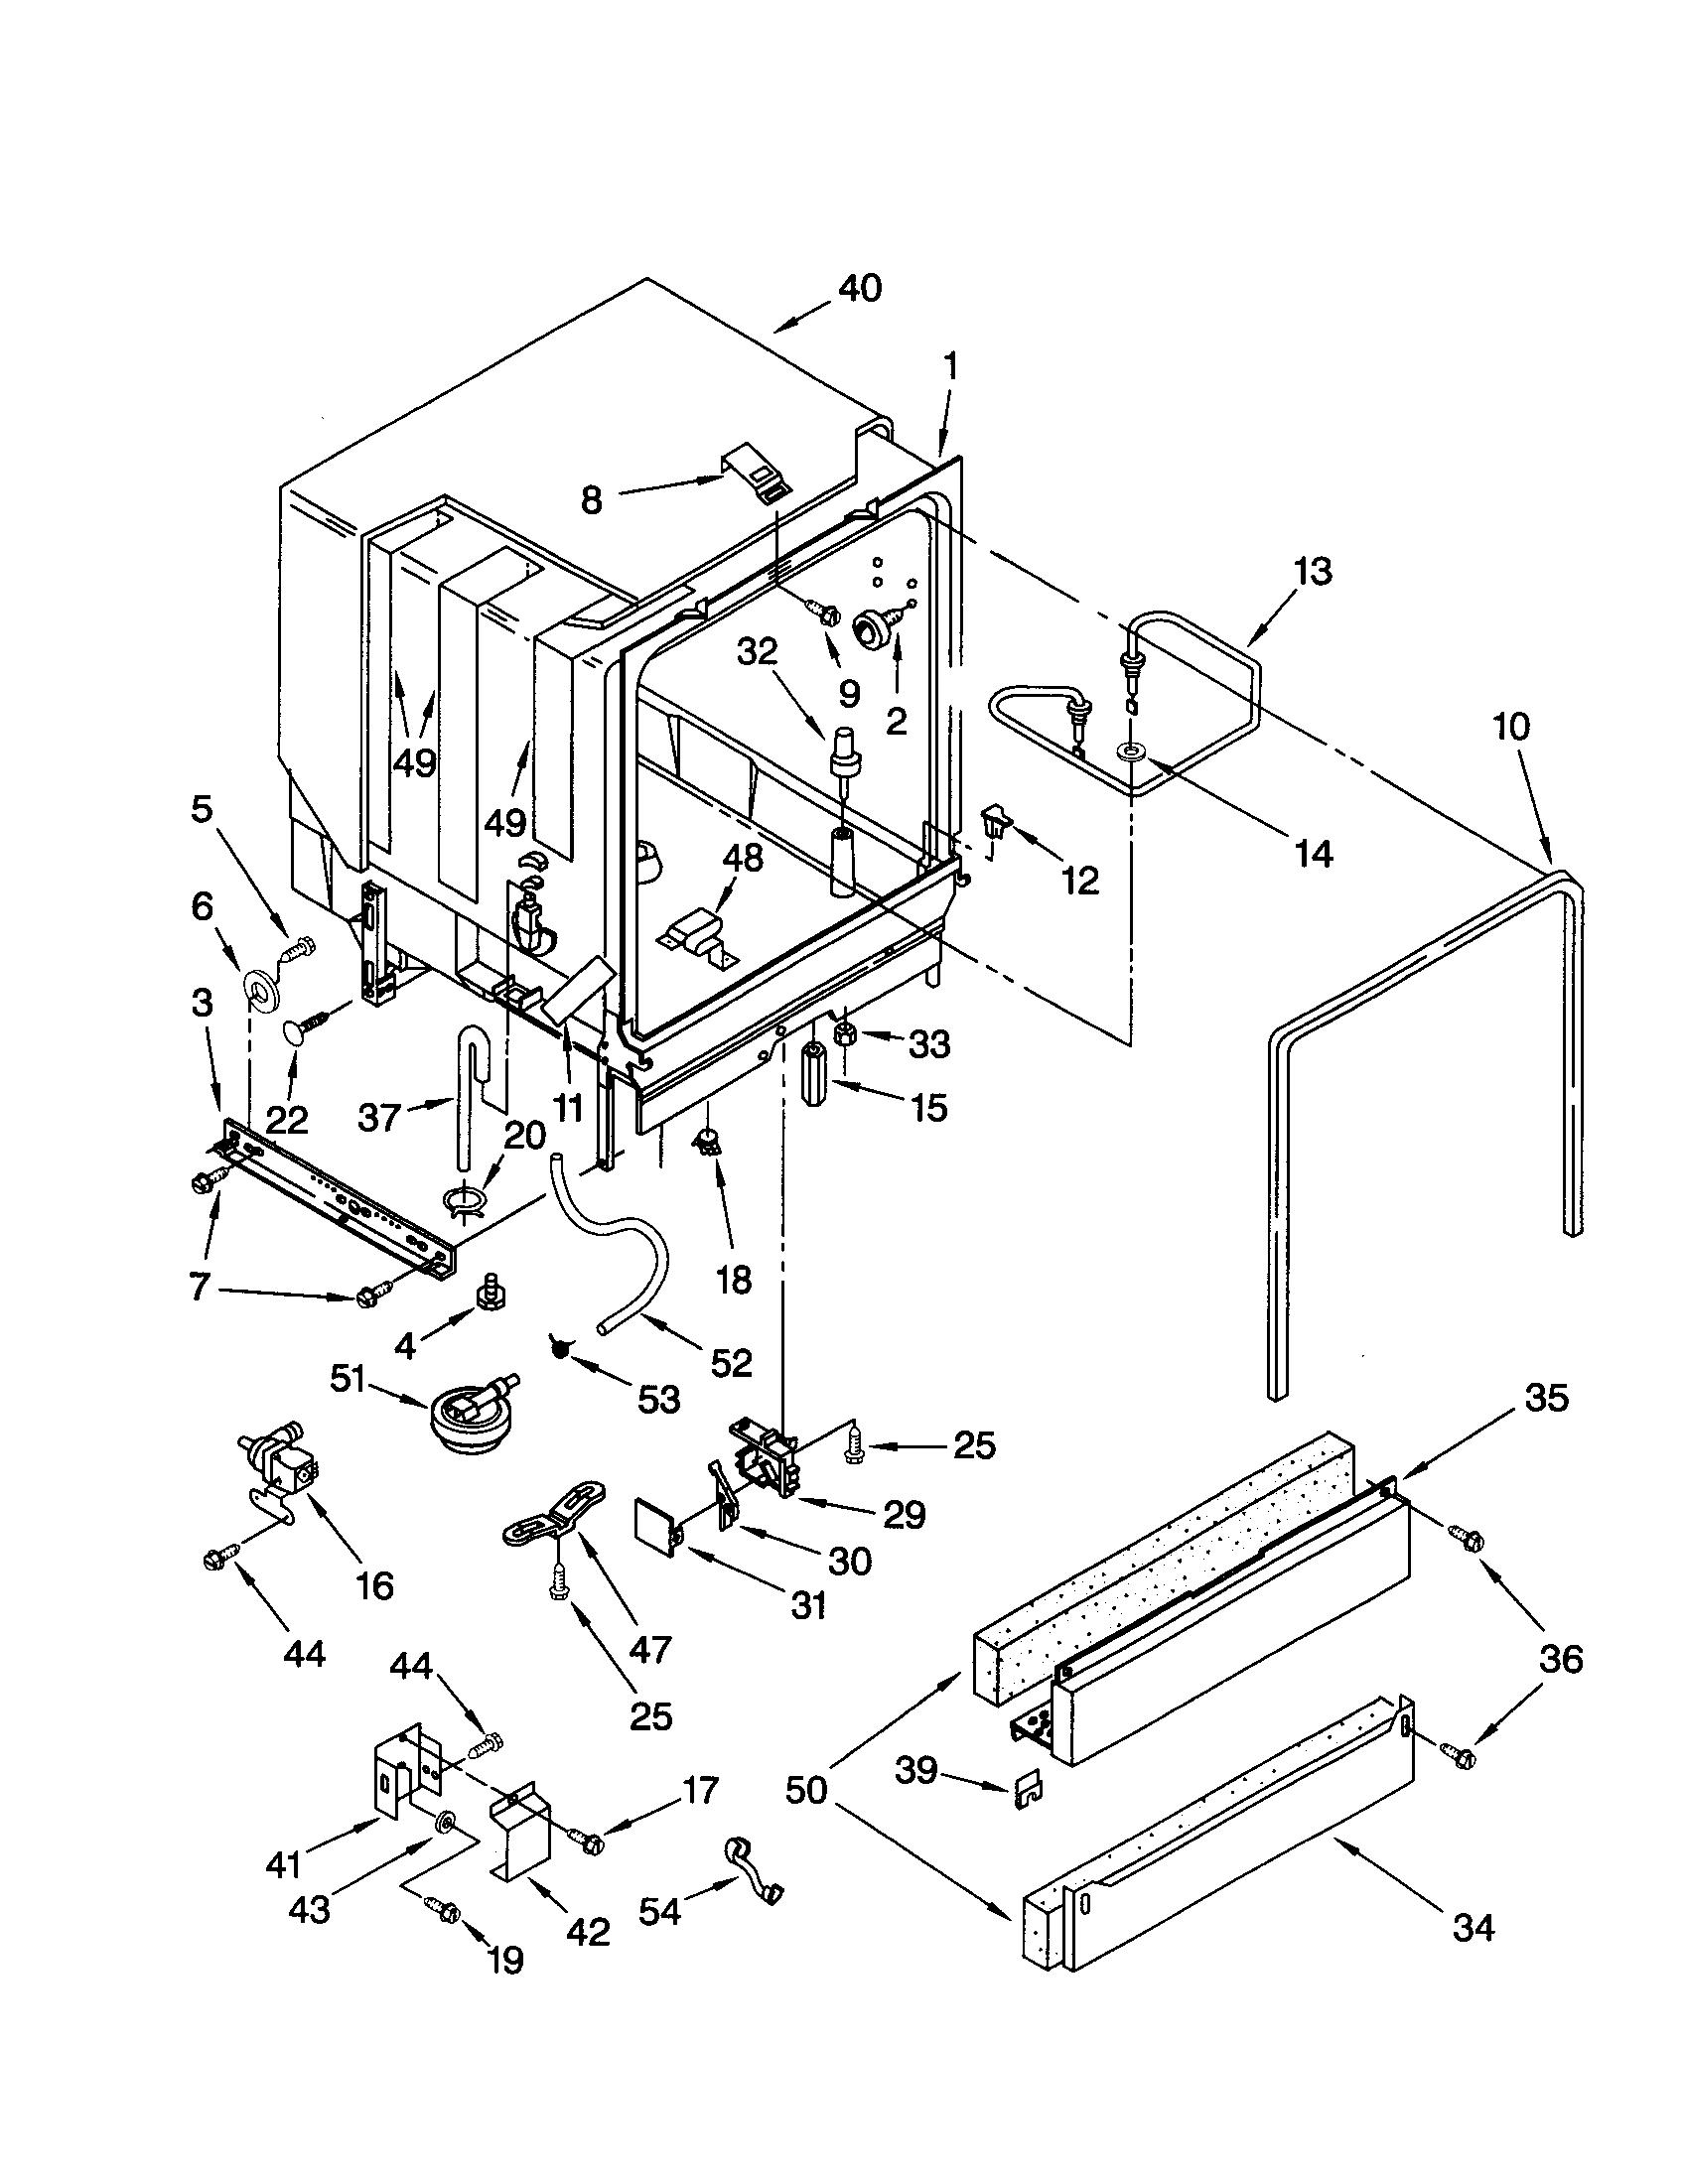 Hobart Am 14 Wiring Diagram Tc185 Suzuki Wiring Diagram